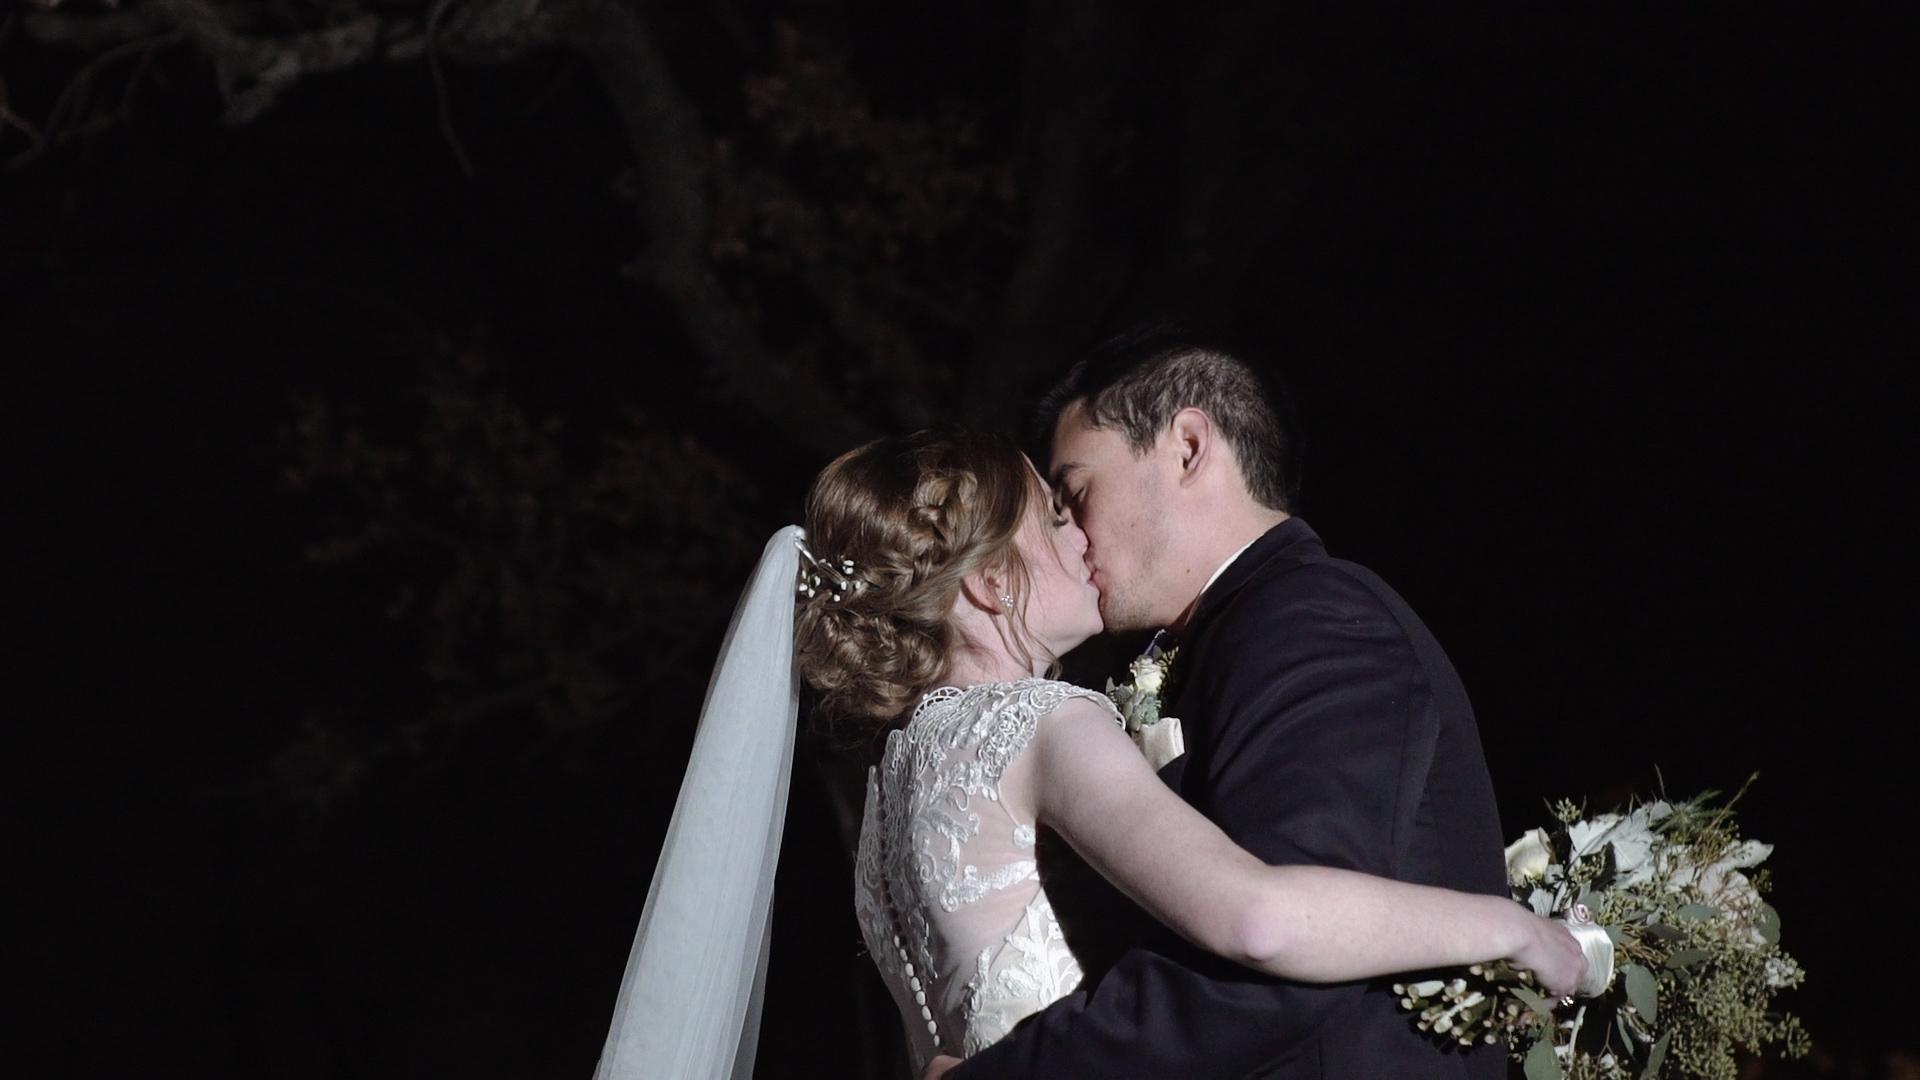 Caitlin + Michael | Aubrey, Texas | The Milestone